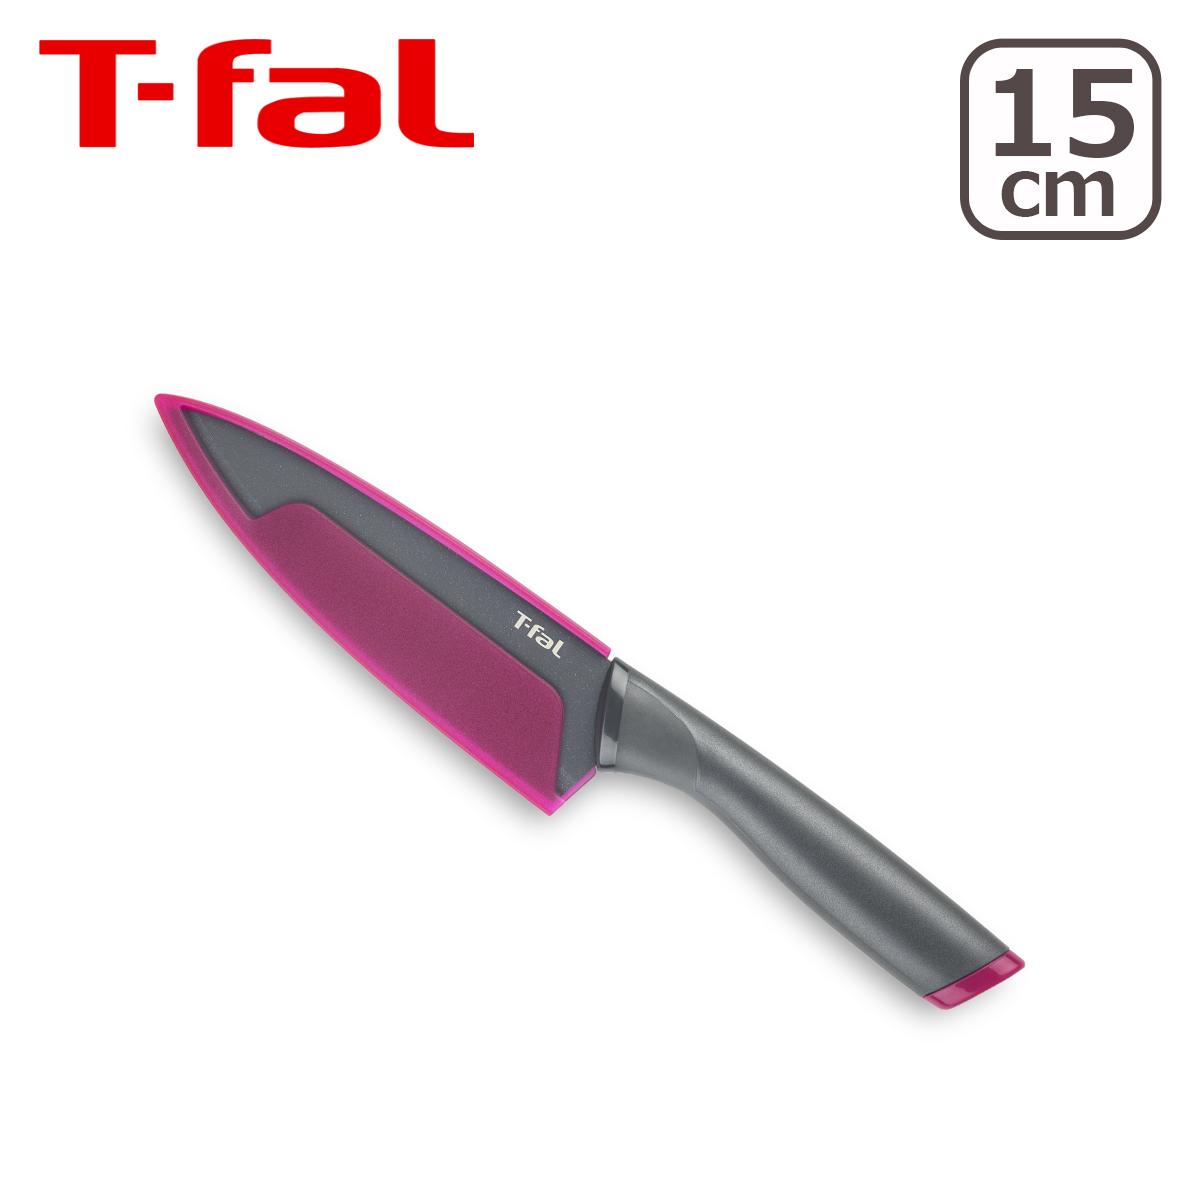 ティファール お手入れ 持ち運びカンタン 日本限定 登場大人気アイテム T-fal フレッシュキッチン K13403 包丁 シェフナイフ 15cm